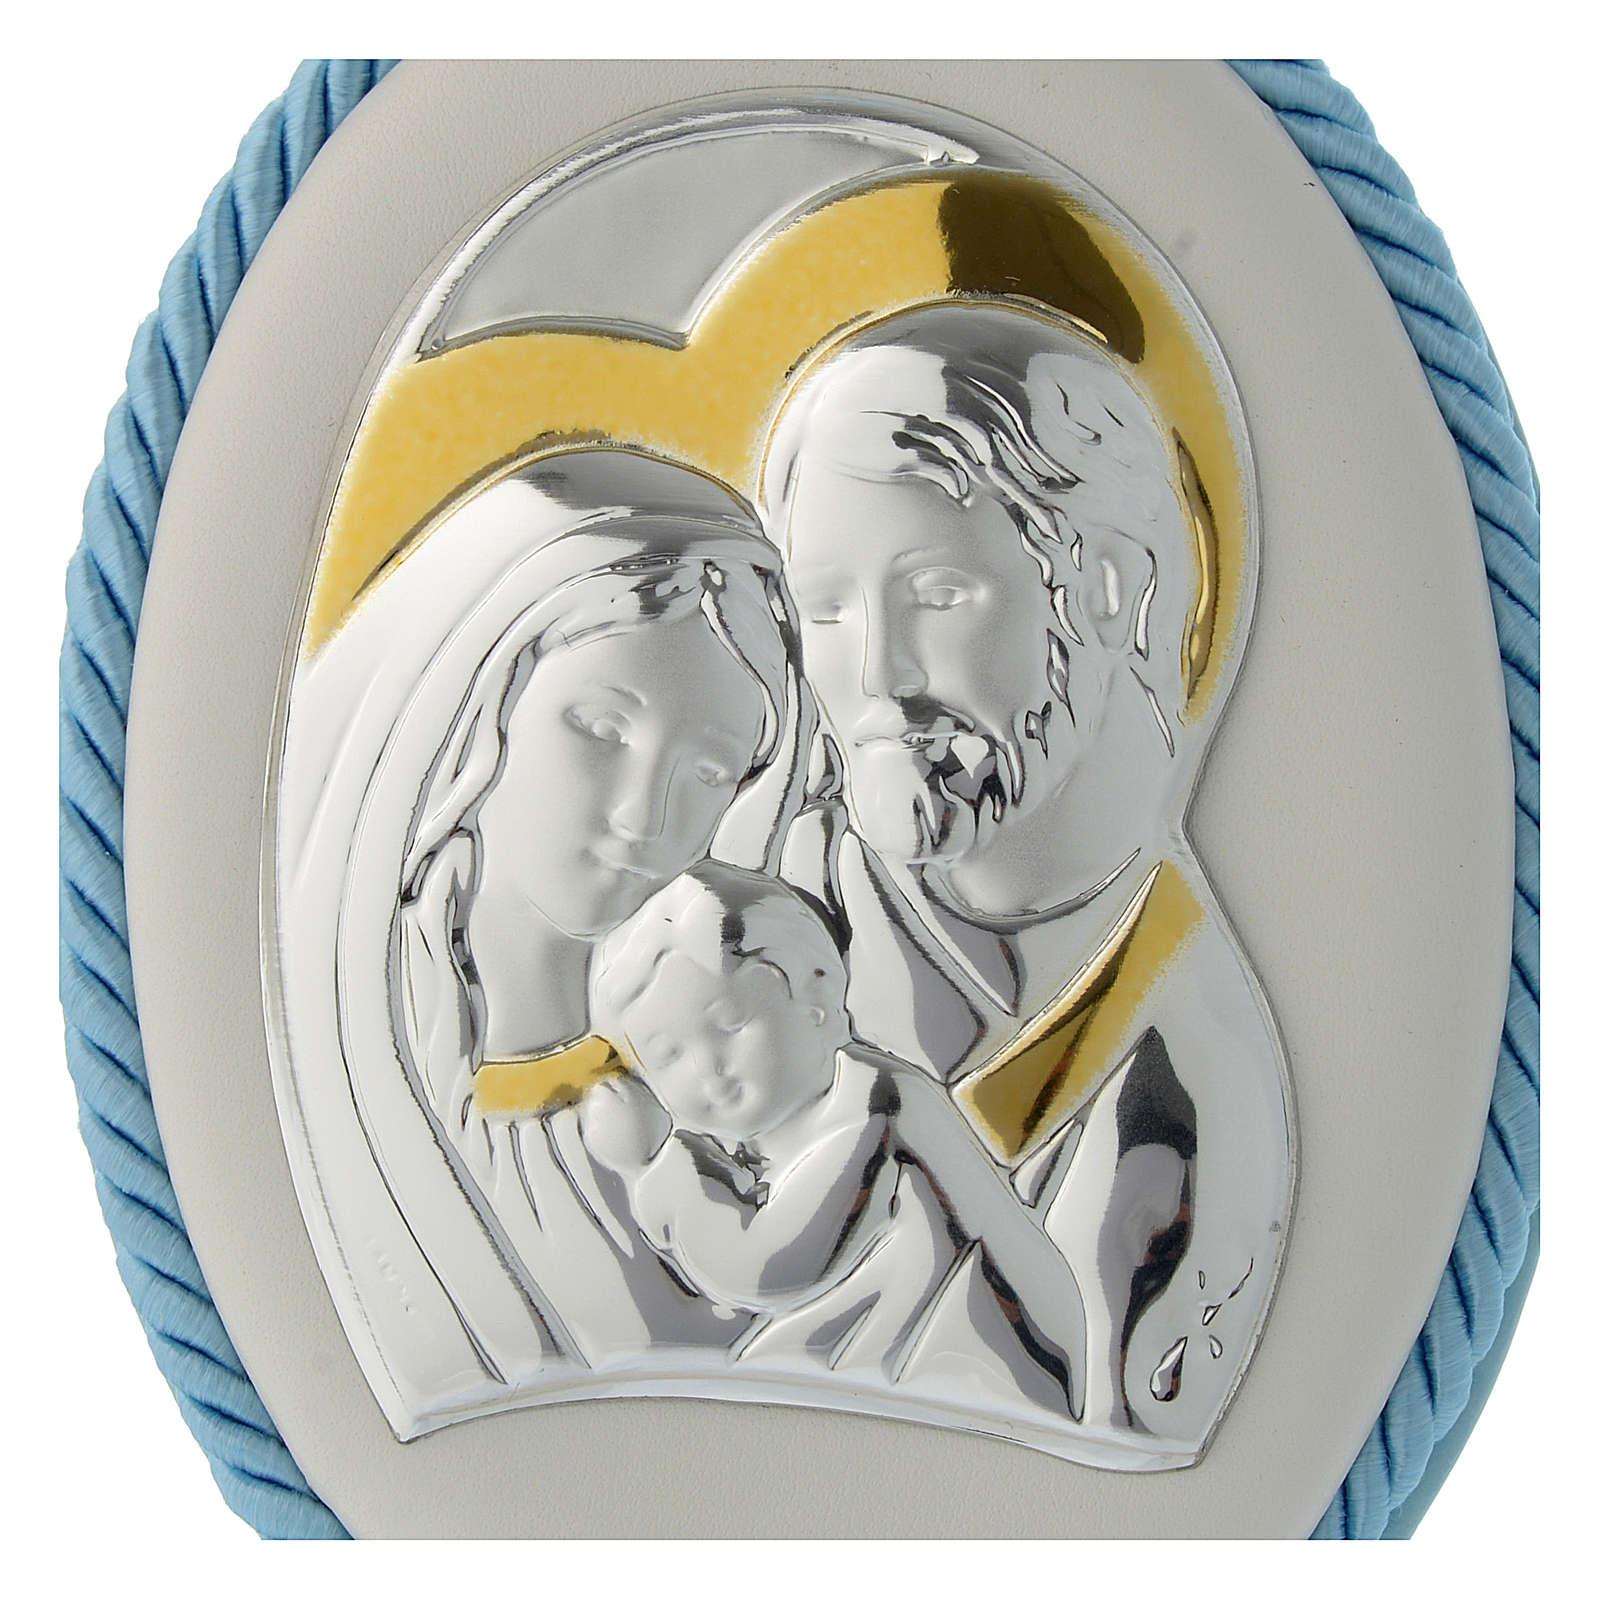 Medalla para cuna celeste S. Familia y Carillón 4